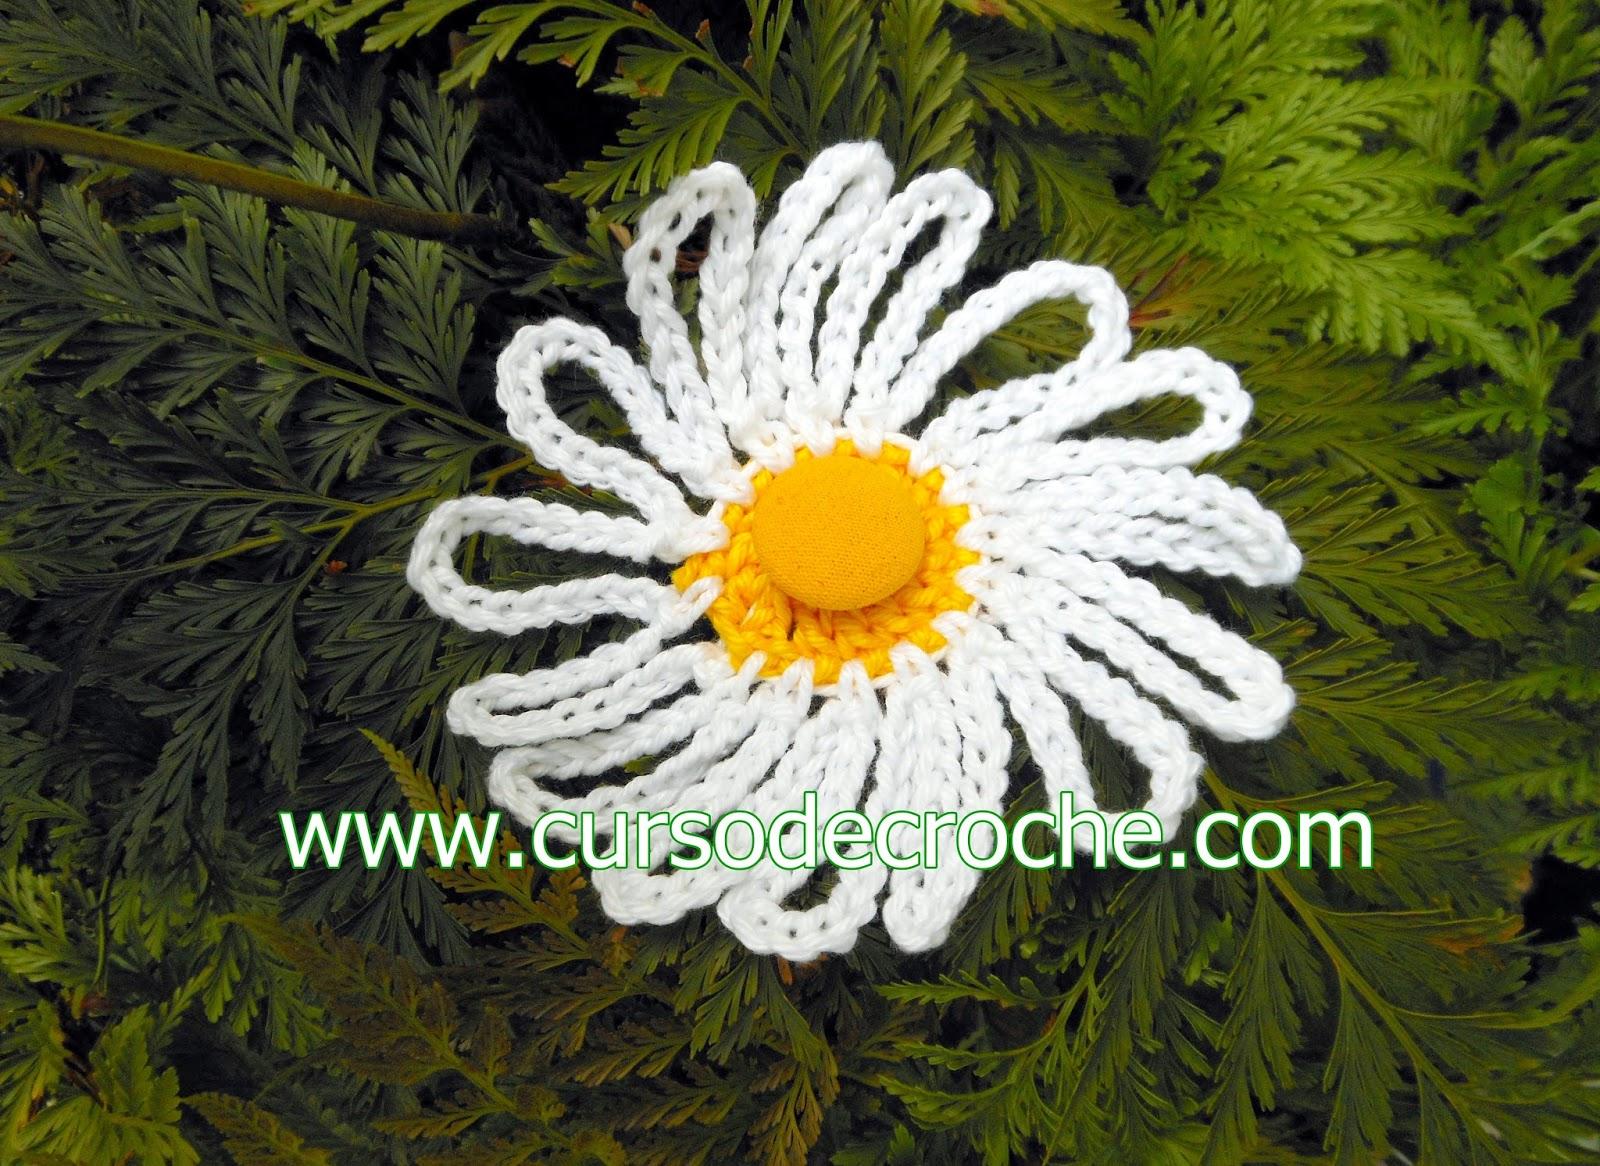 flores dvd 5 volumes com Edinir-Croche na loja curso de croche com frete gratis